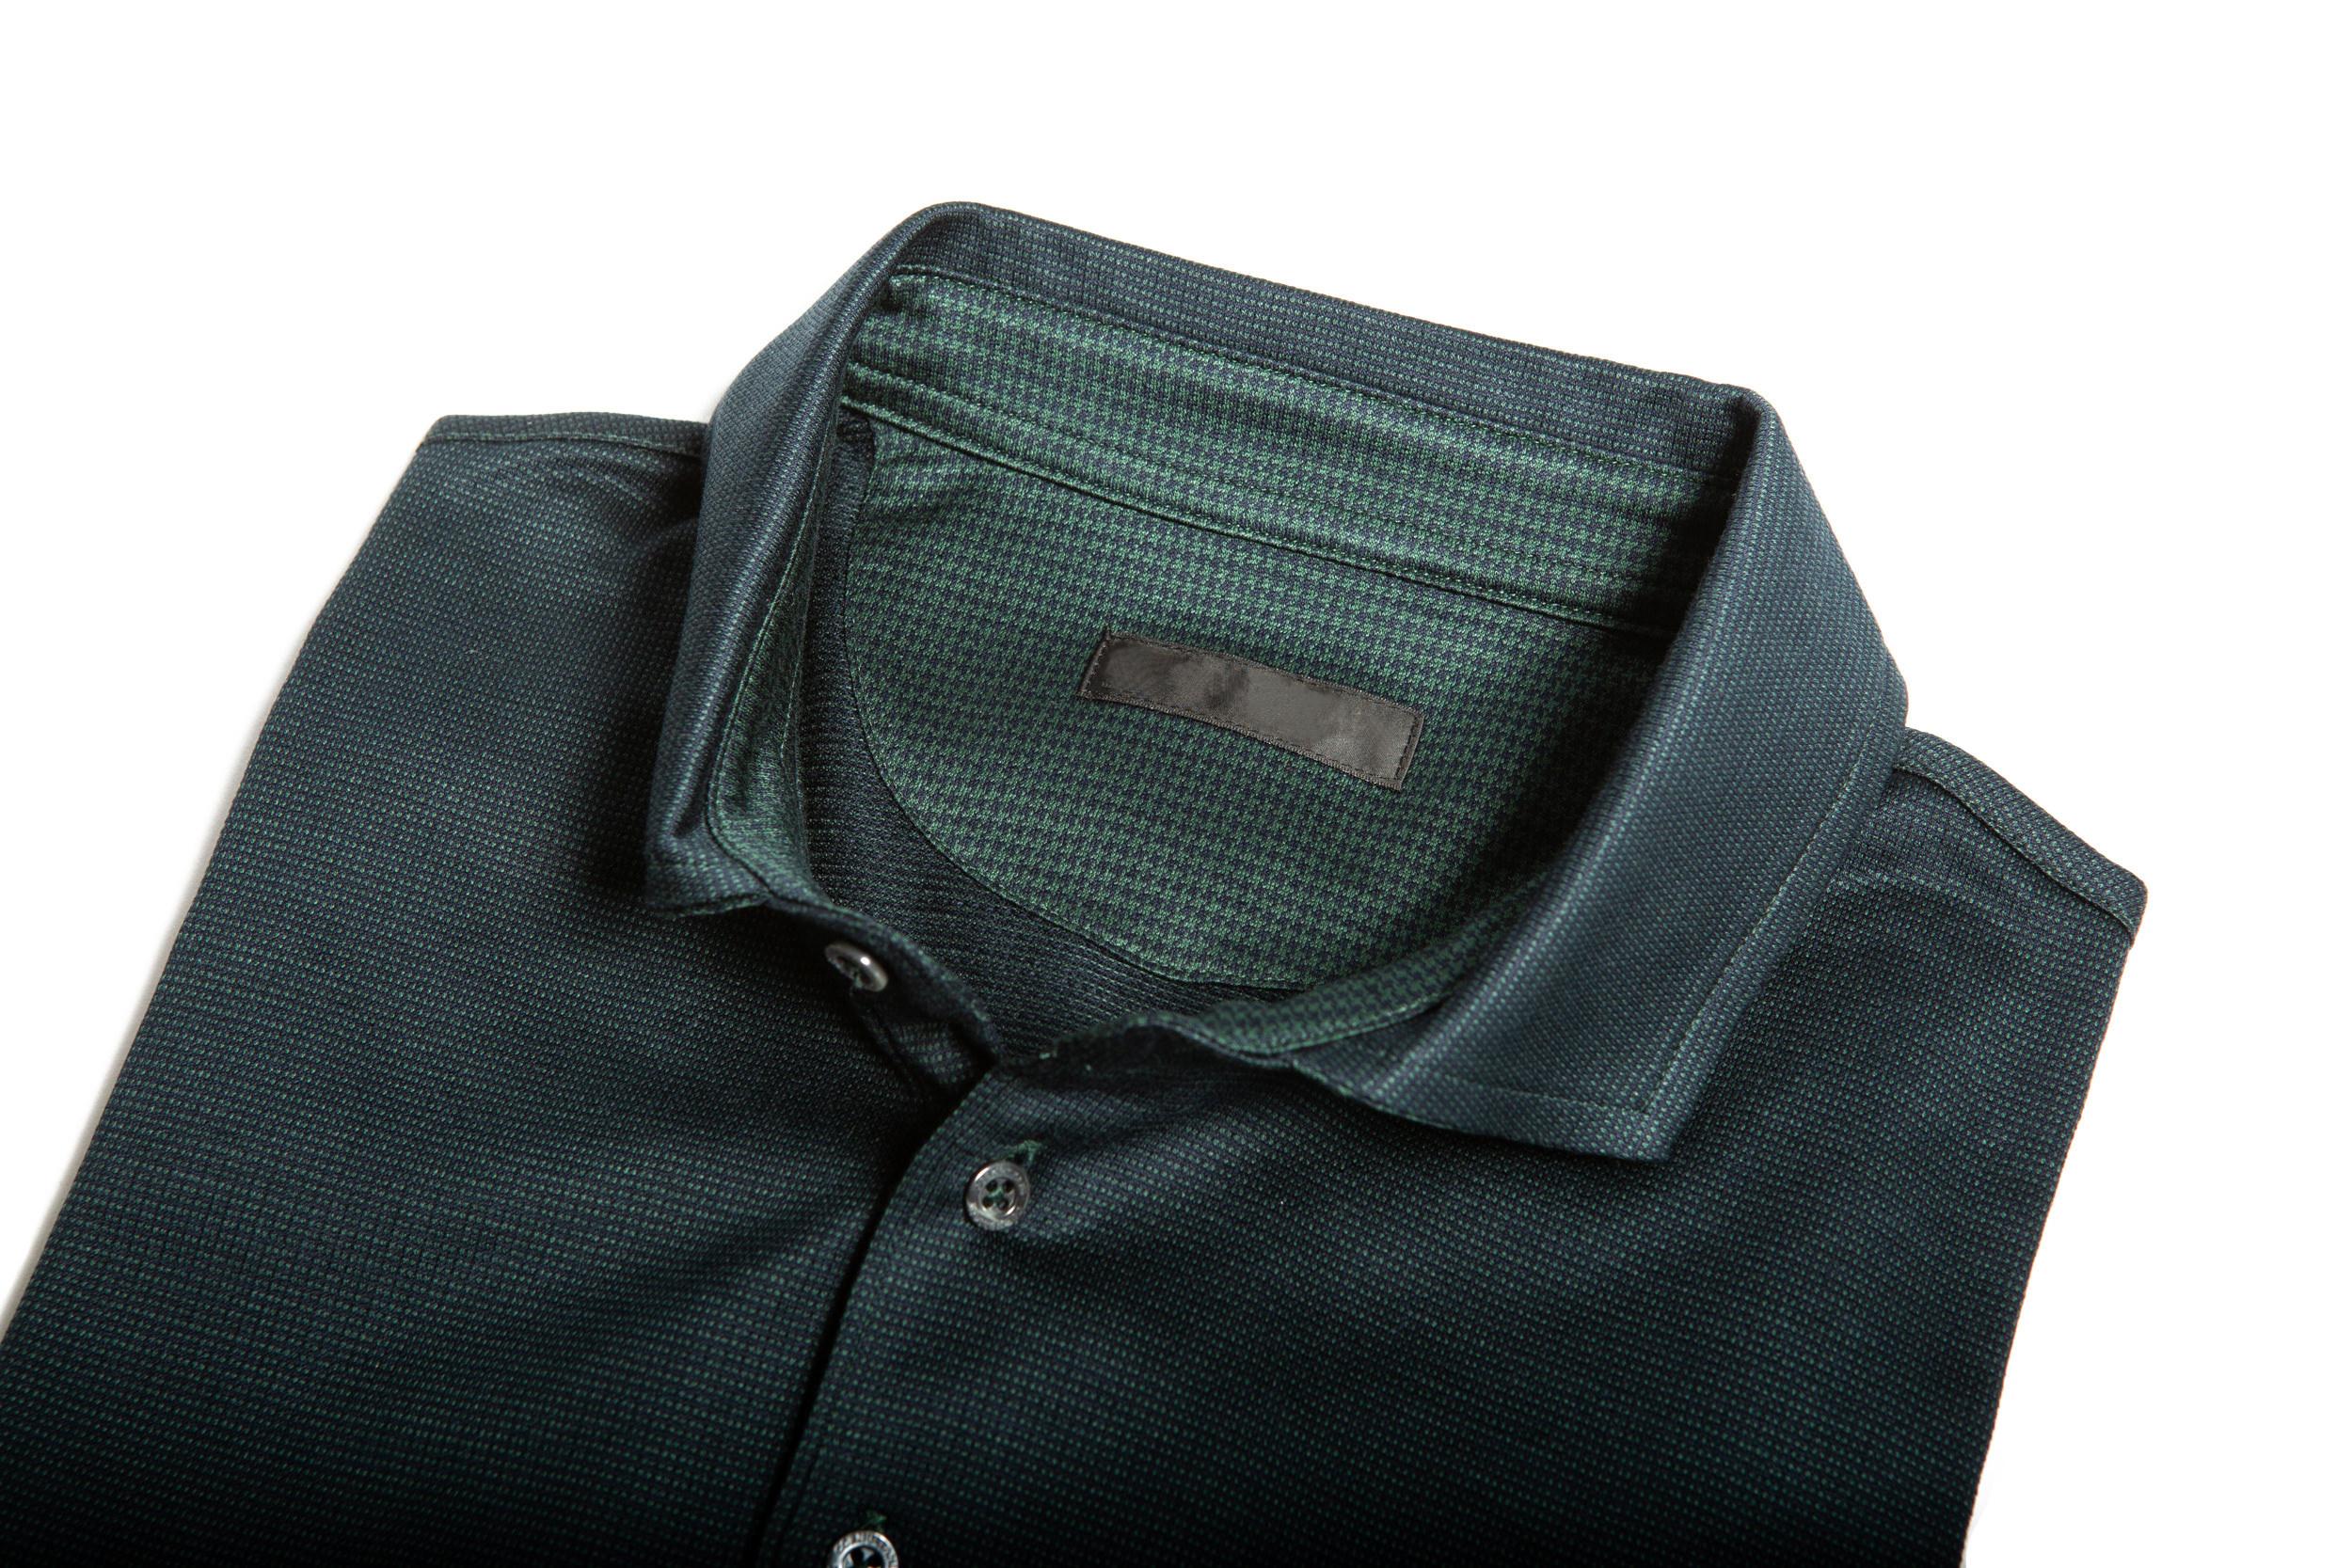 Dettaglio colletto camicia mix jacquard